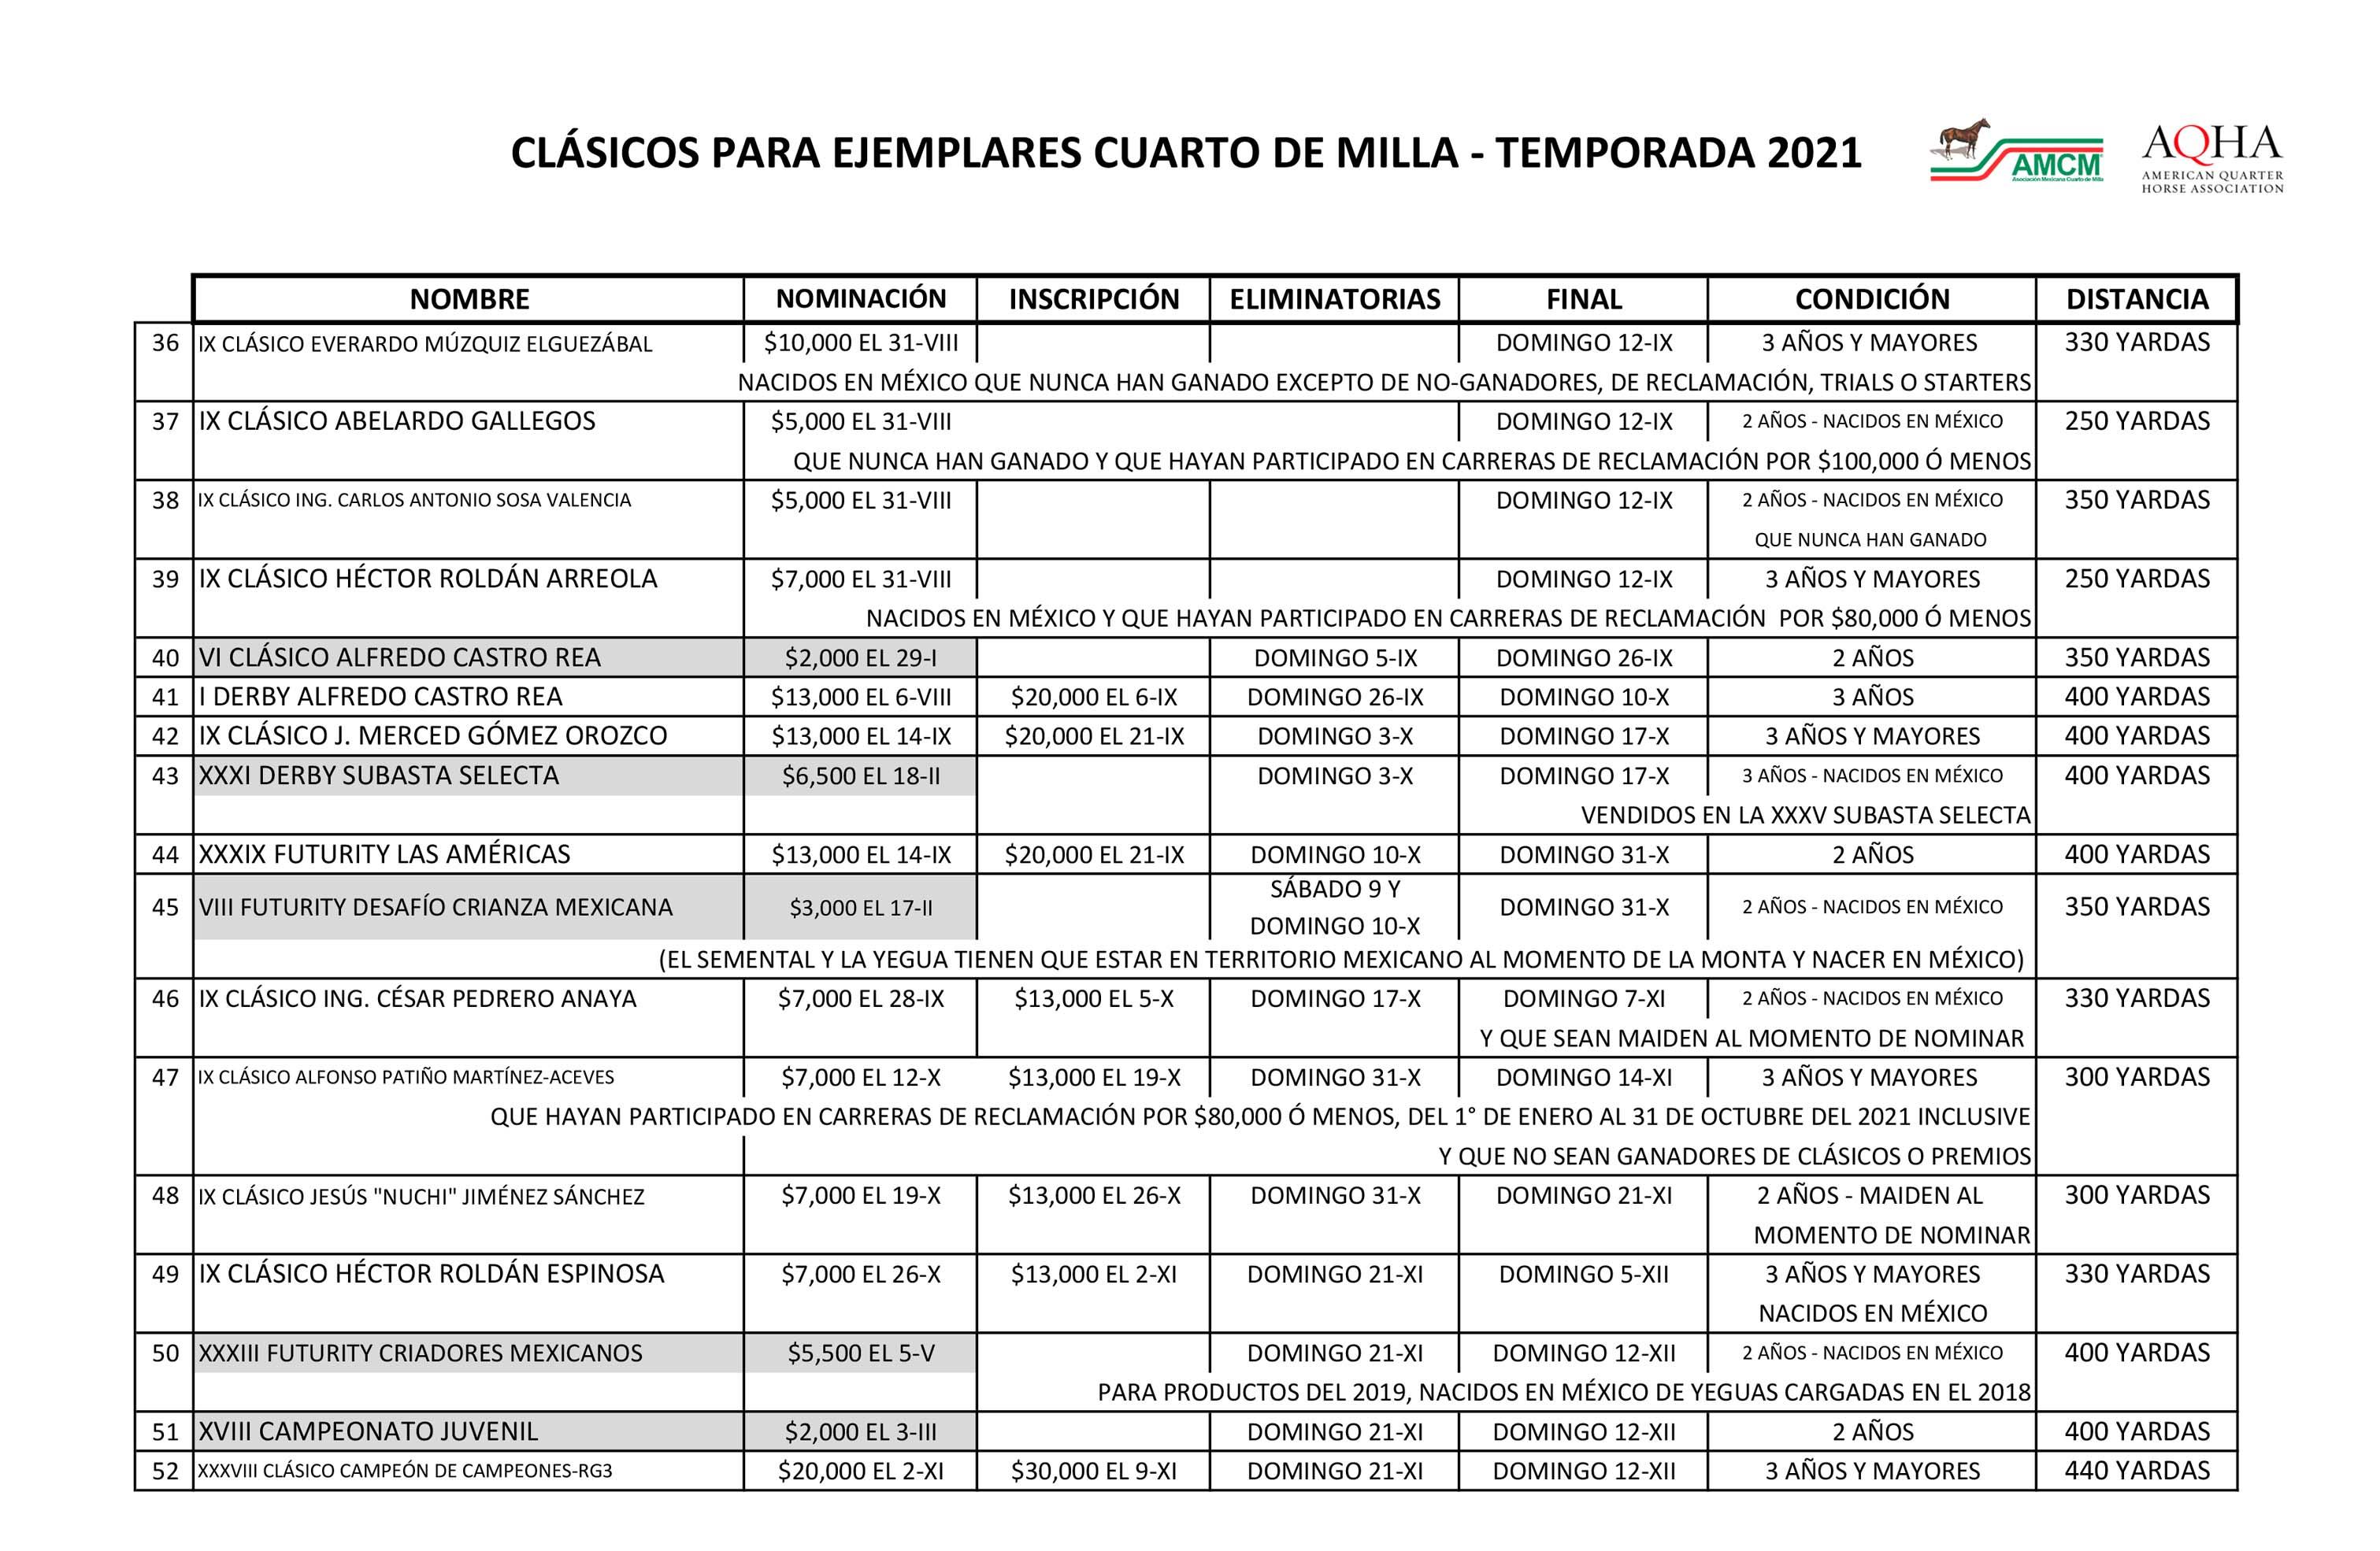 clasicos3